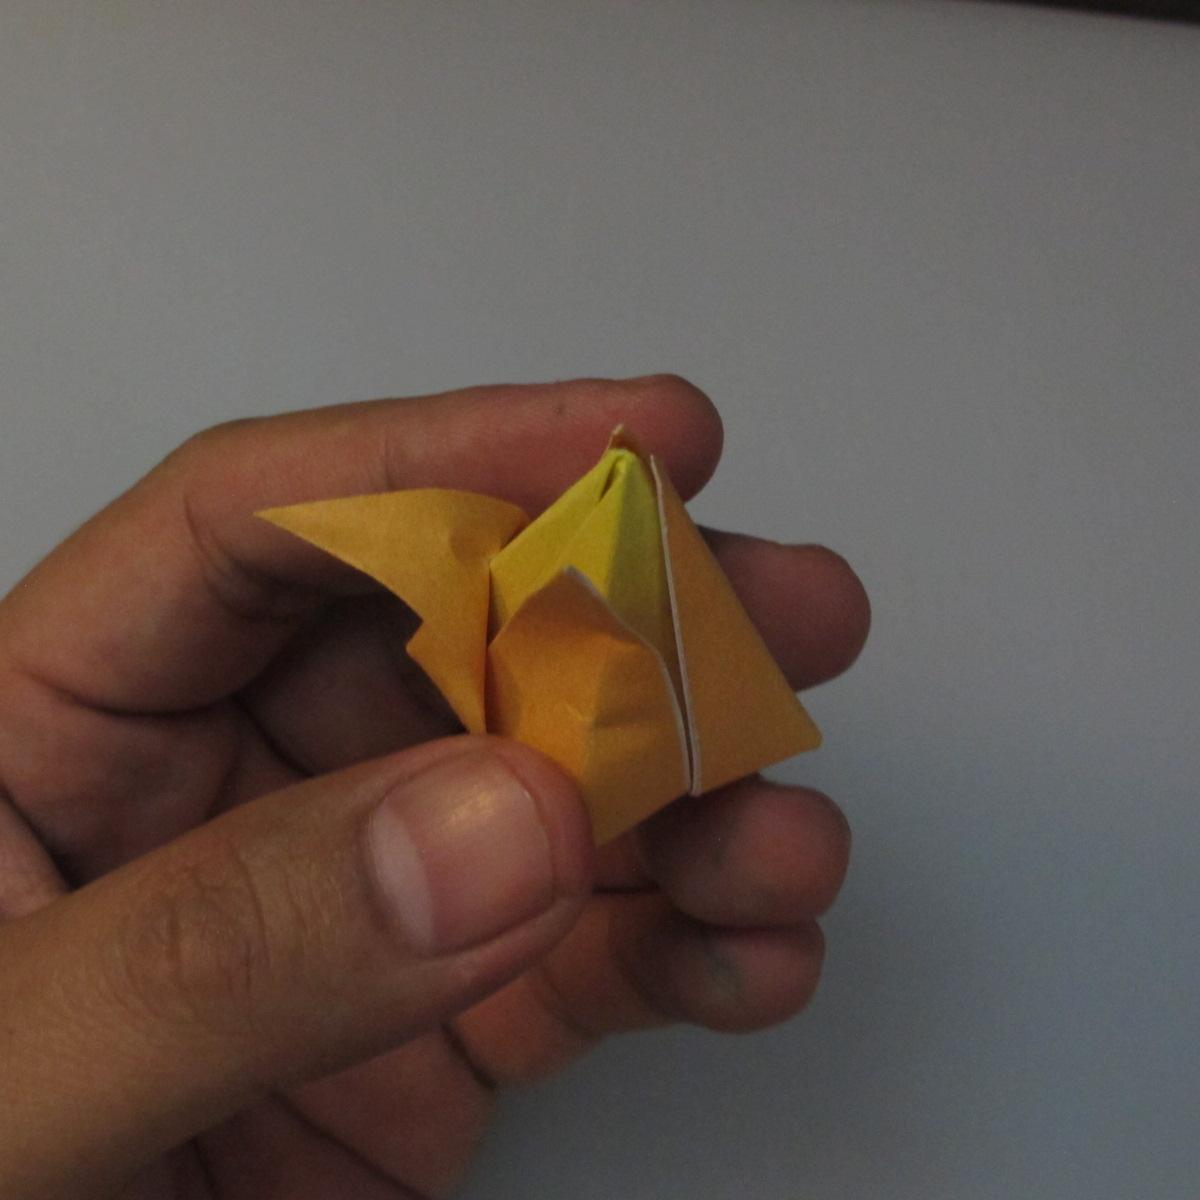 วิธีพับกระดาษเป็นดอกทิวลิป 018